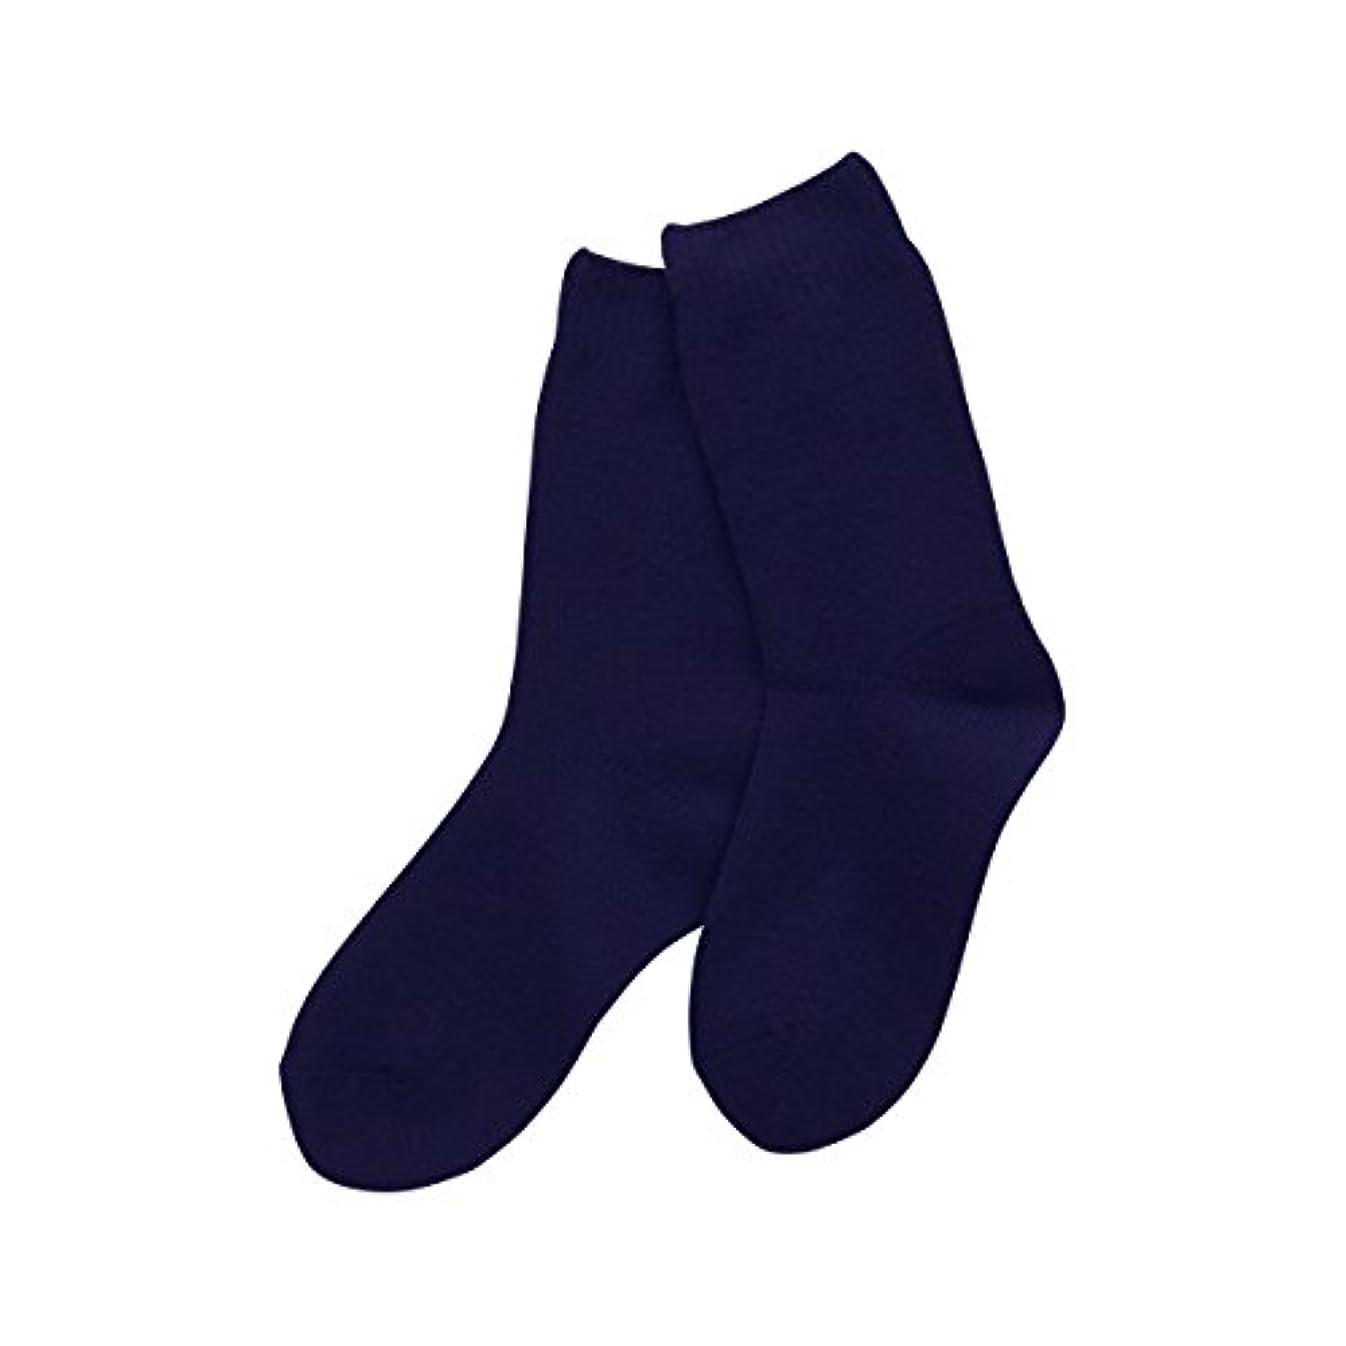 雑種カヌーマイク(コベス) KOBES ゴムなし 毛混 超ゆったり特大サイズ 靴下 日本製 紳士靴下